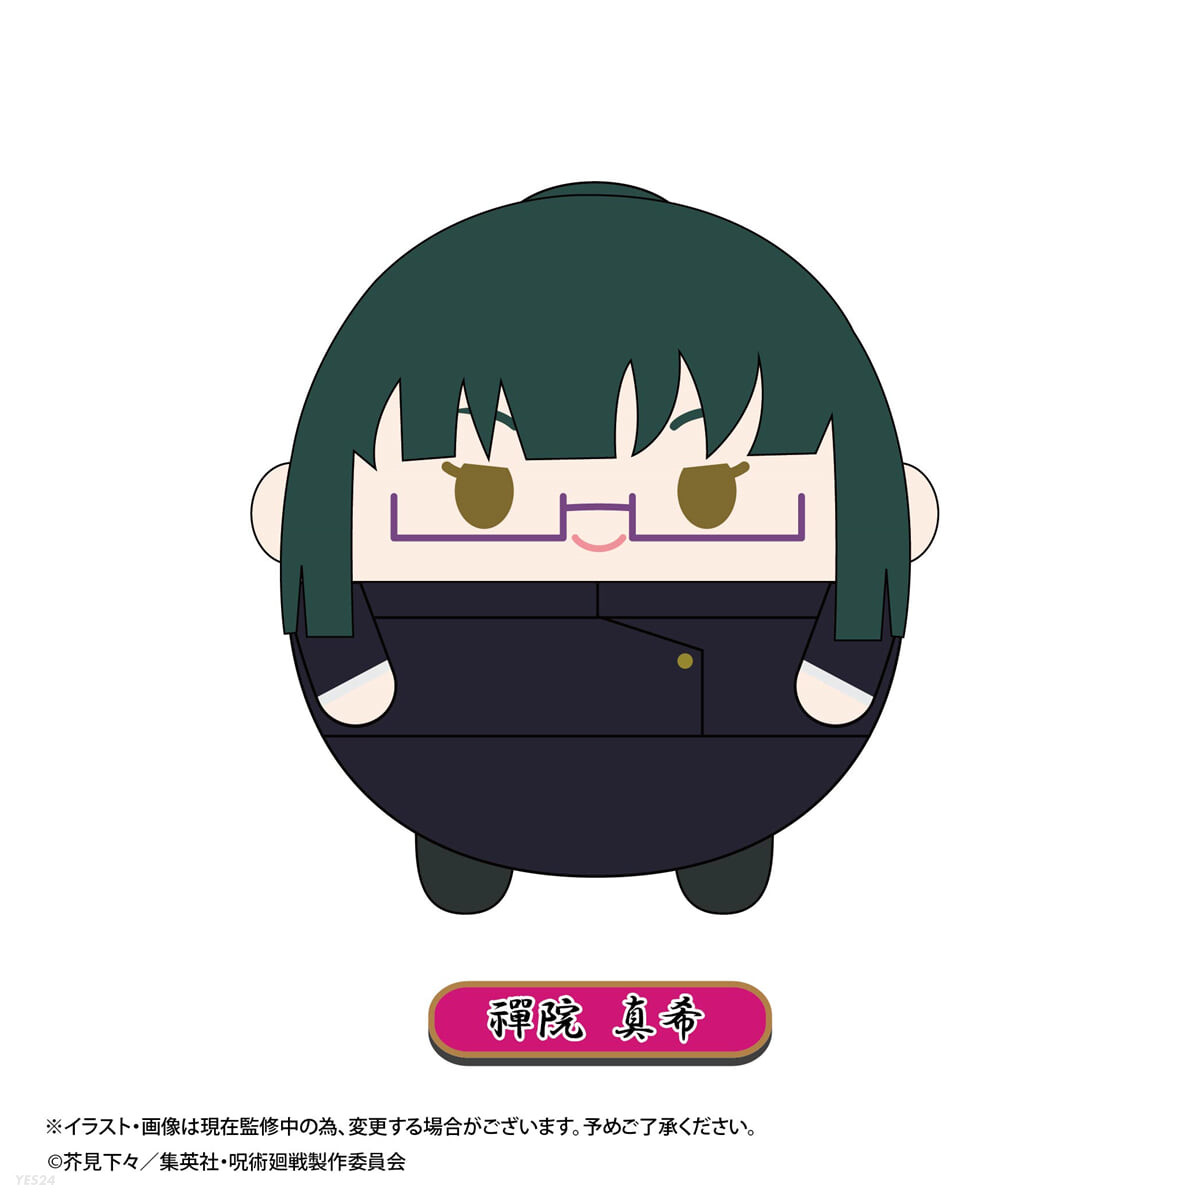 (예약도서) JJ-19C 呪術廻戰 ふわコロりん Msize2 禪院眞希